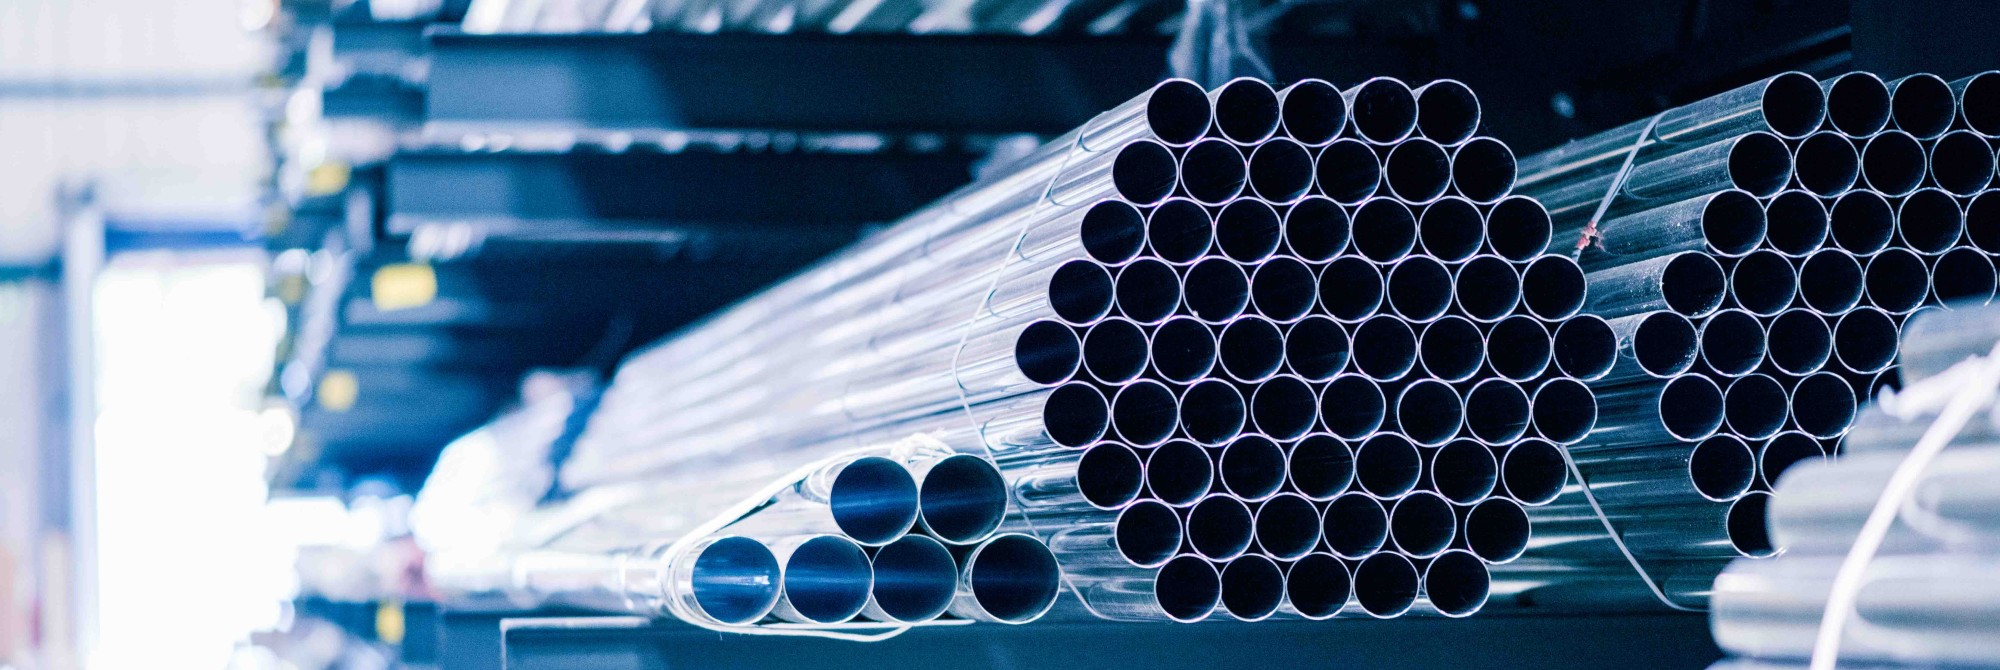 thyssenkrupp Materials Stockholding